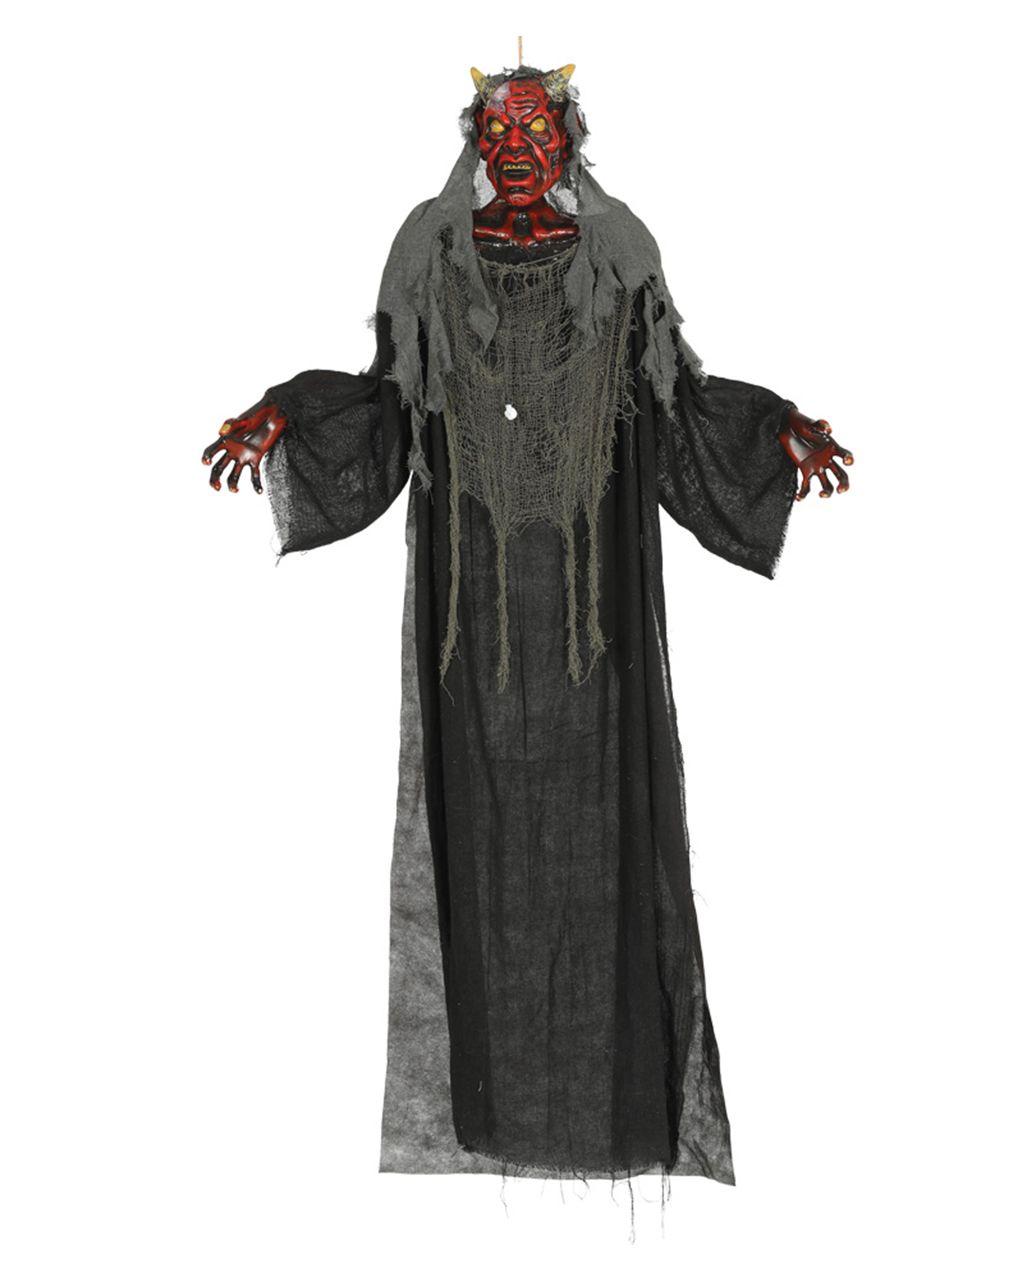 Halloween Deko Shopch.Teufel Mit Licht Ton 150 Cm Halloween Deko Horror Shop Com Halloween Deko Figuren Halloween Deko Horror Halloween Deko